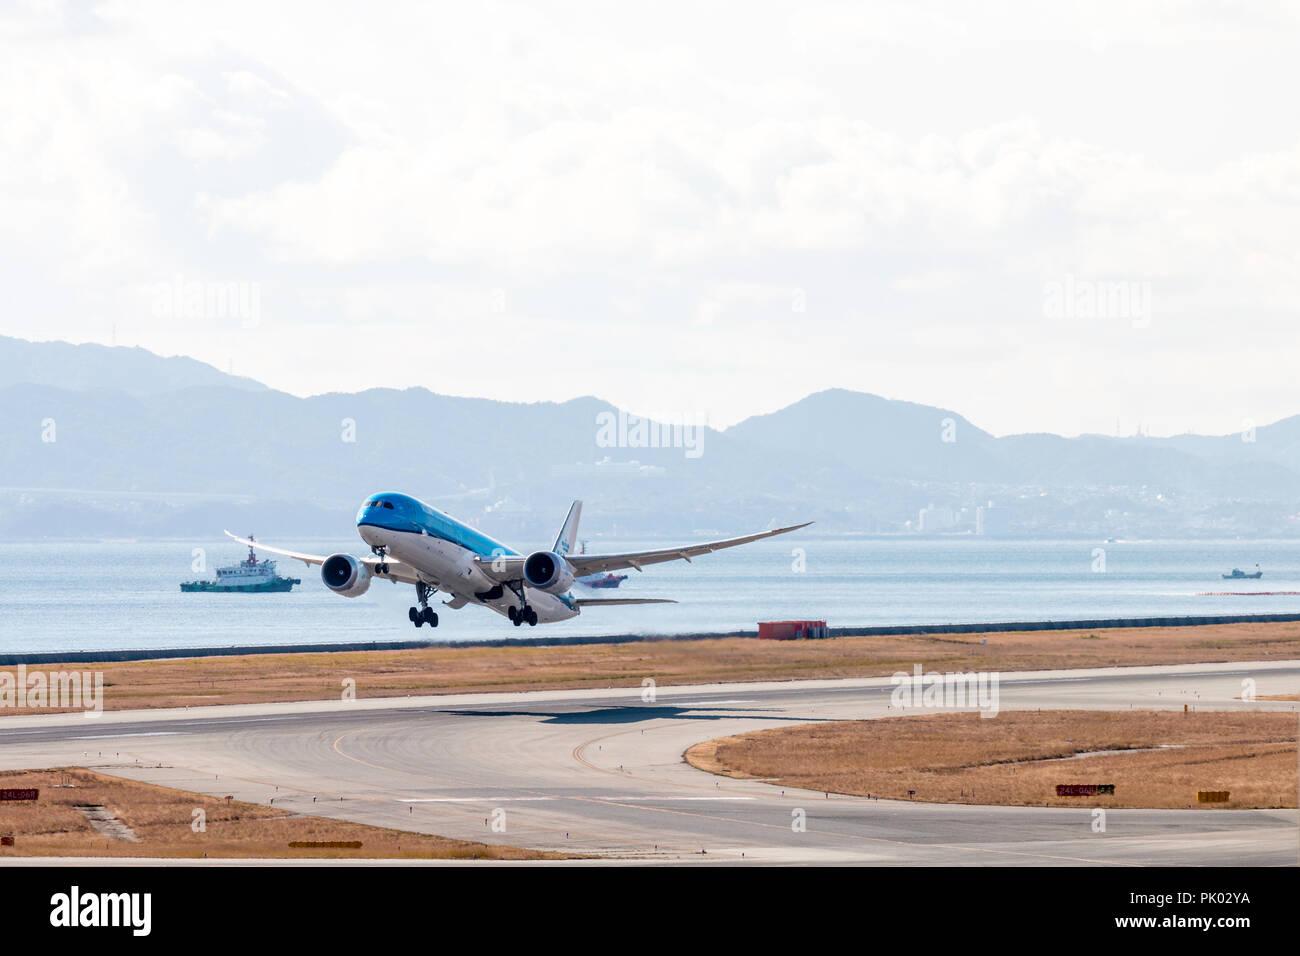 Japan, Osaka. Kansai International Airport. KIX, Boeing 787, PH-8HD, KLM, passenger jet taking off in good weather. Stock Photo